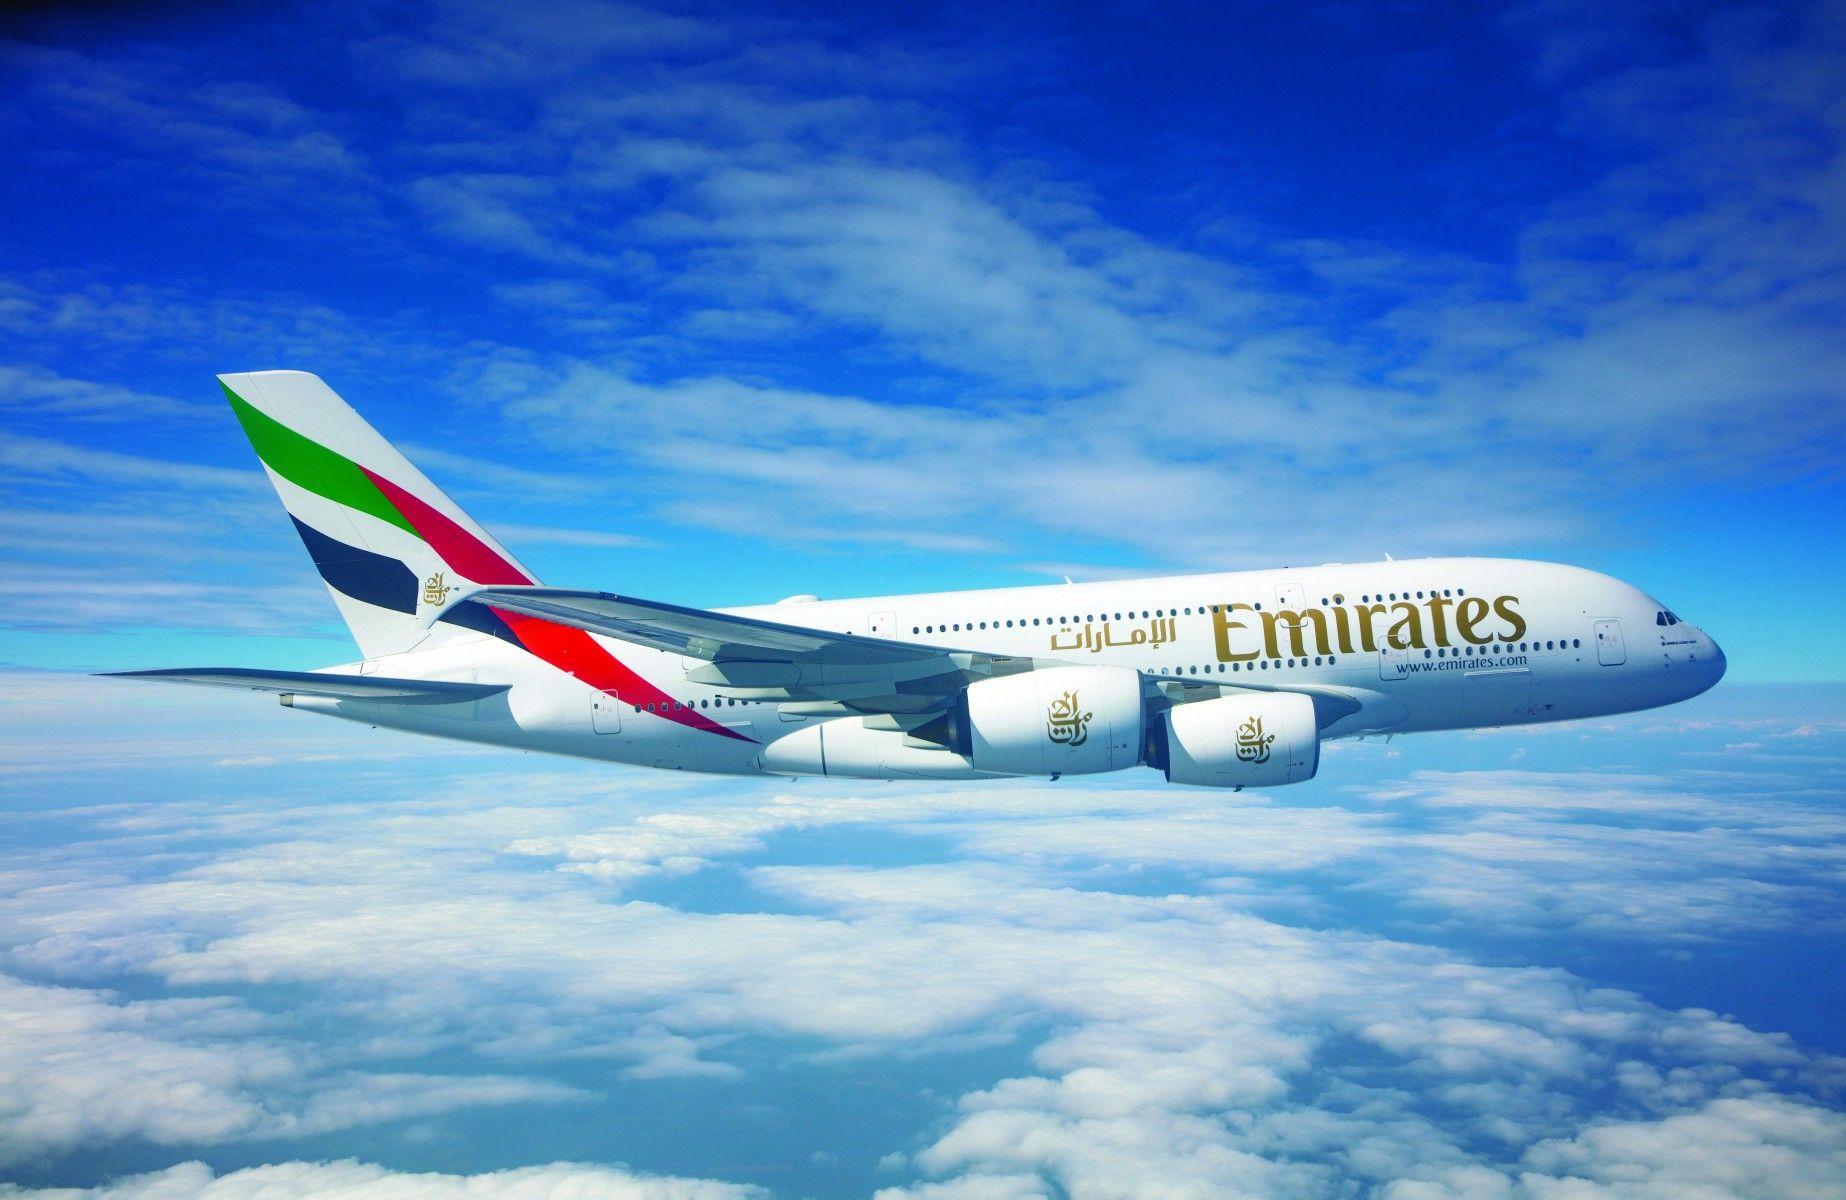 Emirates Airlines es la aerolínea internacional más grande del mundo, vuela a 158 destinos en 85 países y opera 269 aeronaves como Airbus A380 y Boeing 777.